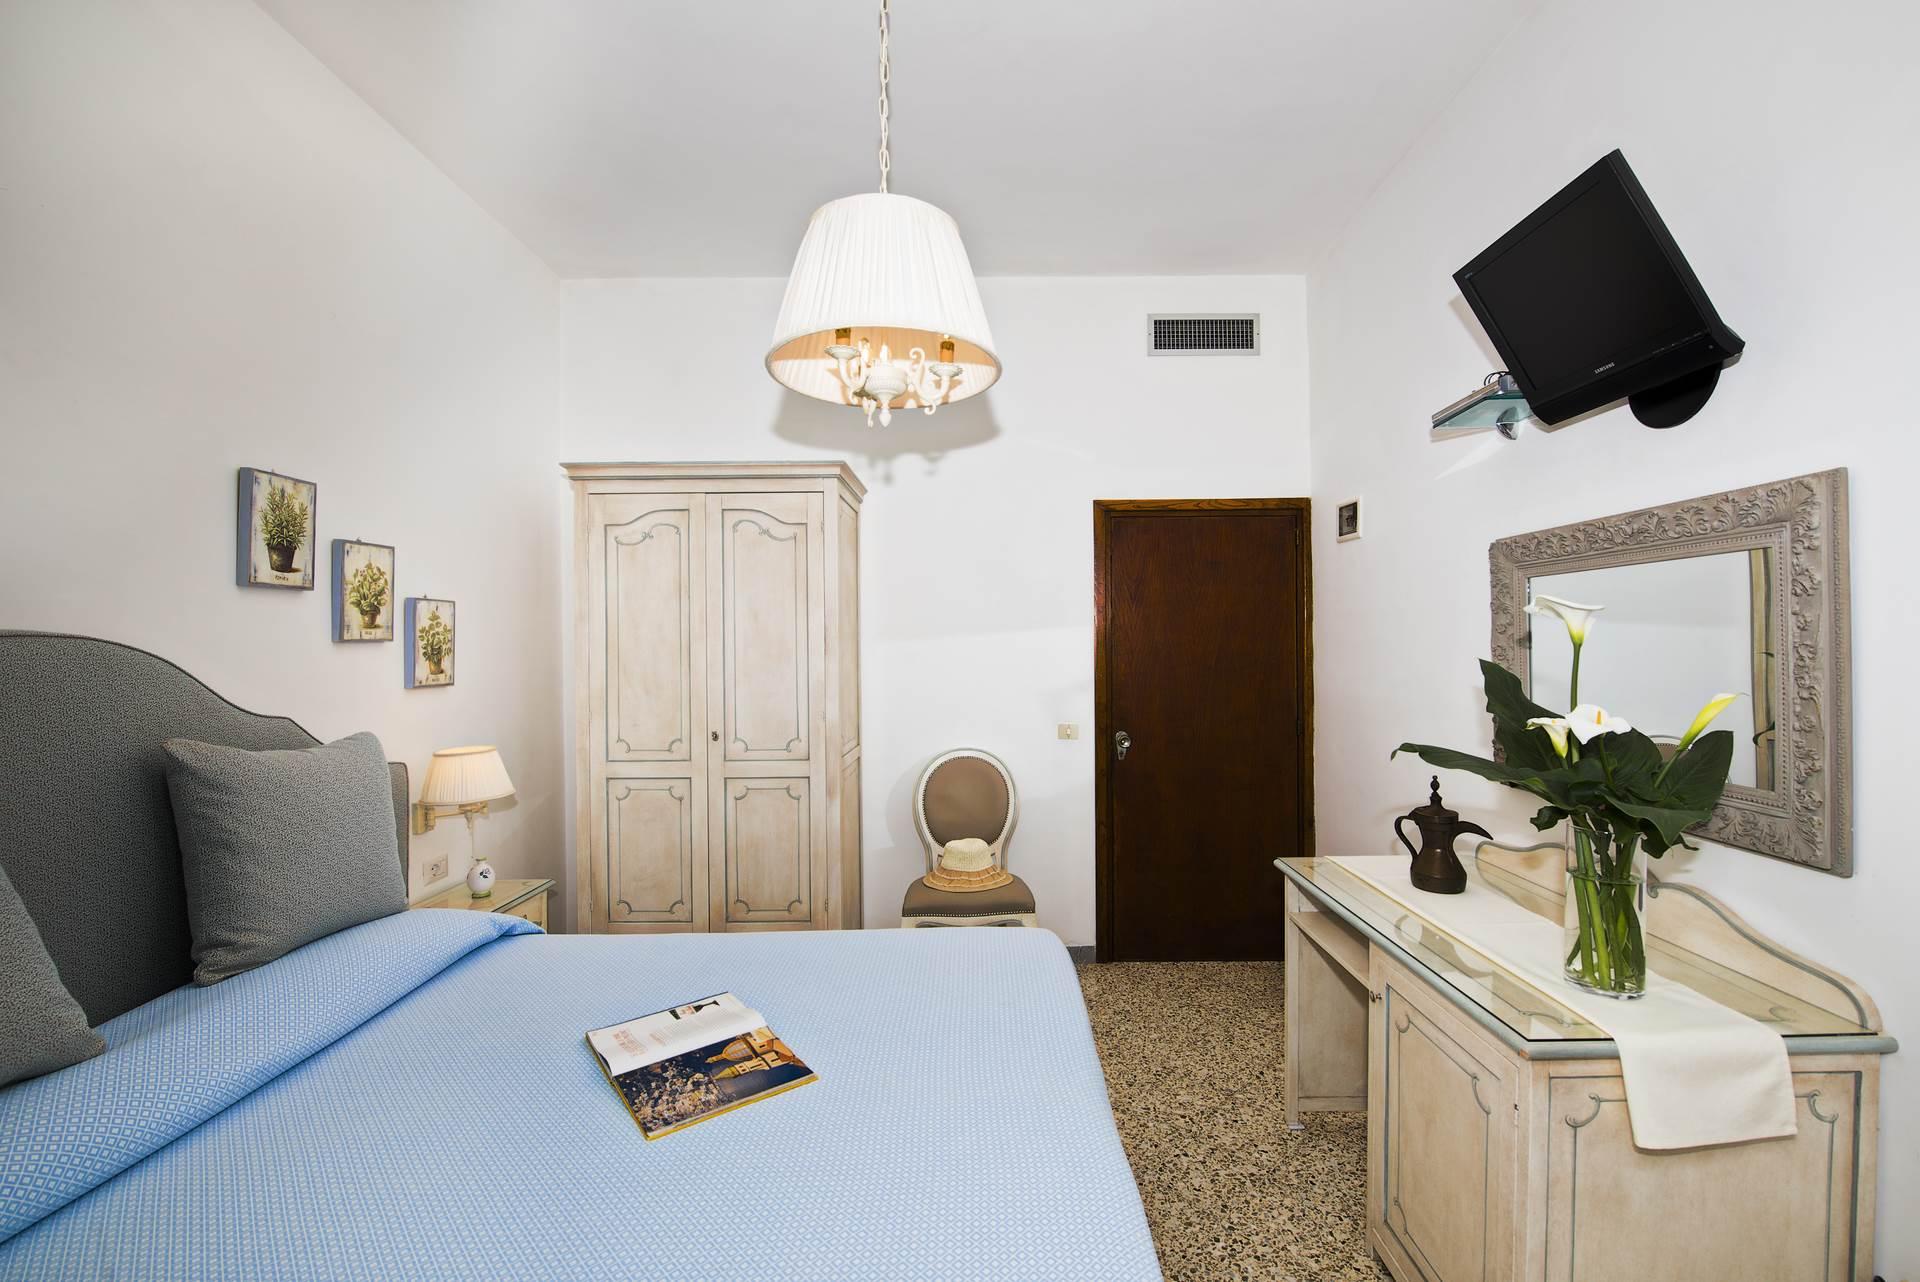 Hotel Pellegrino Praiano Amalfi Coast